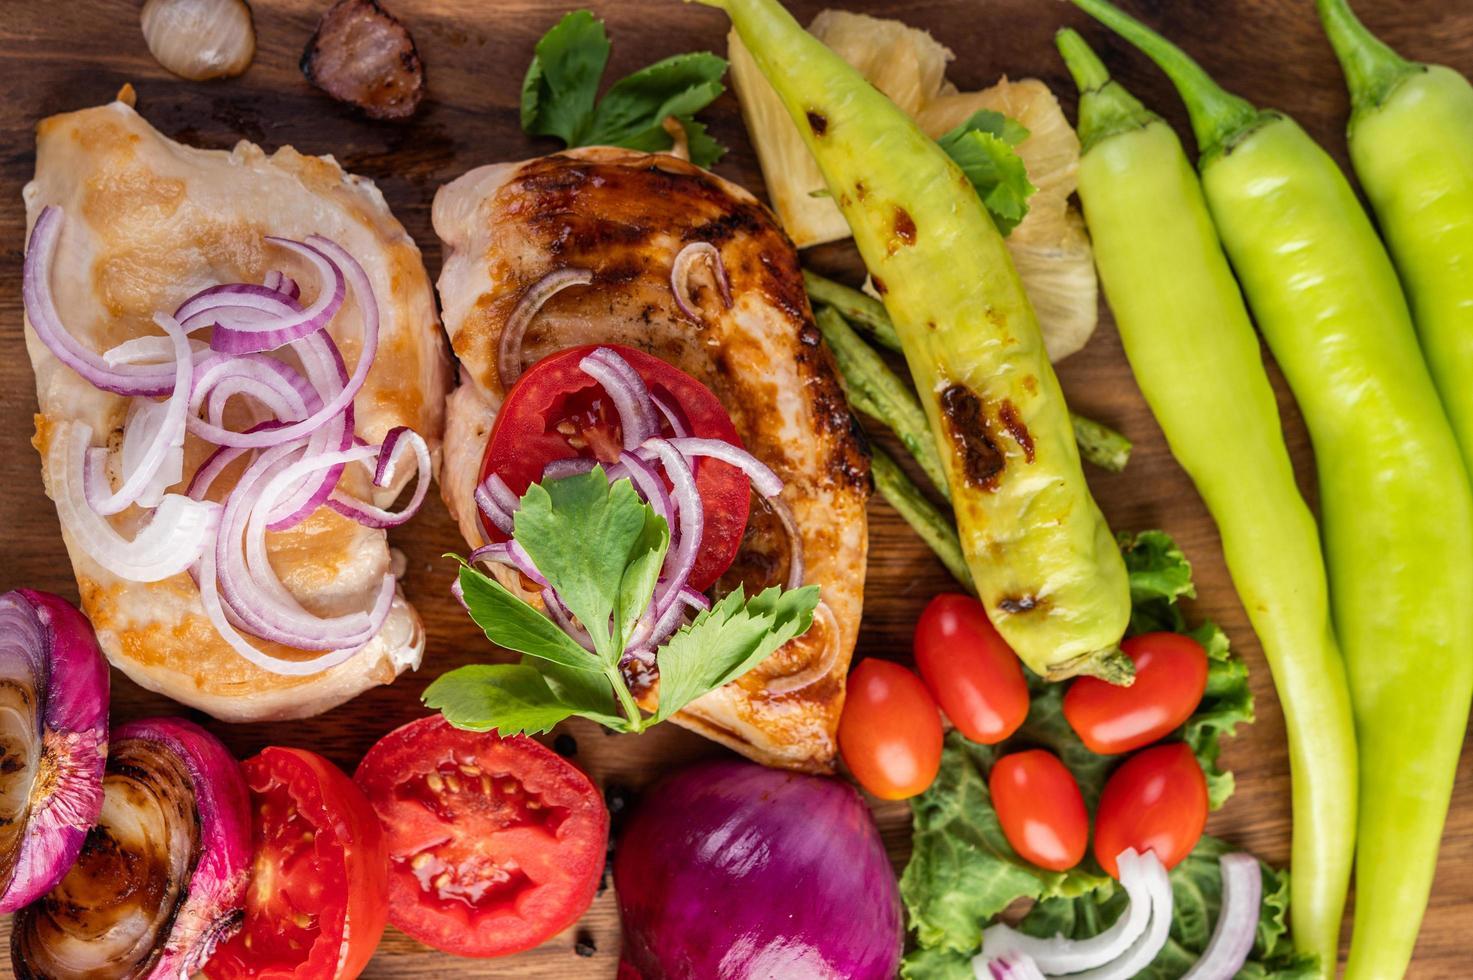 poulet et légumes grillés photo